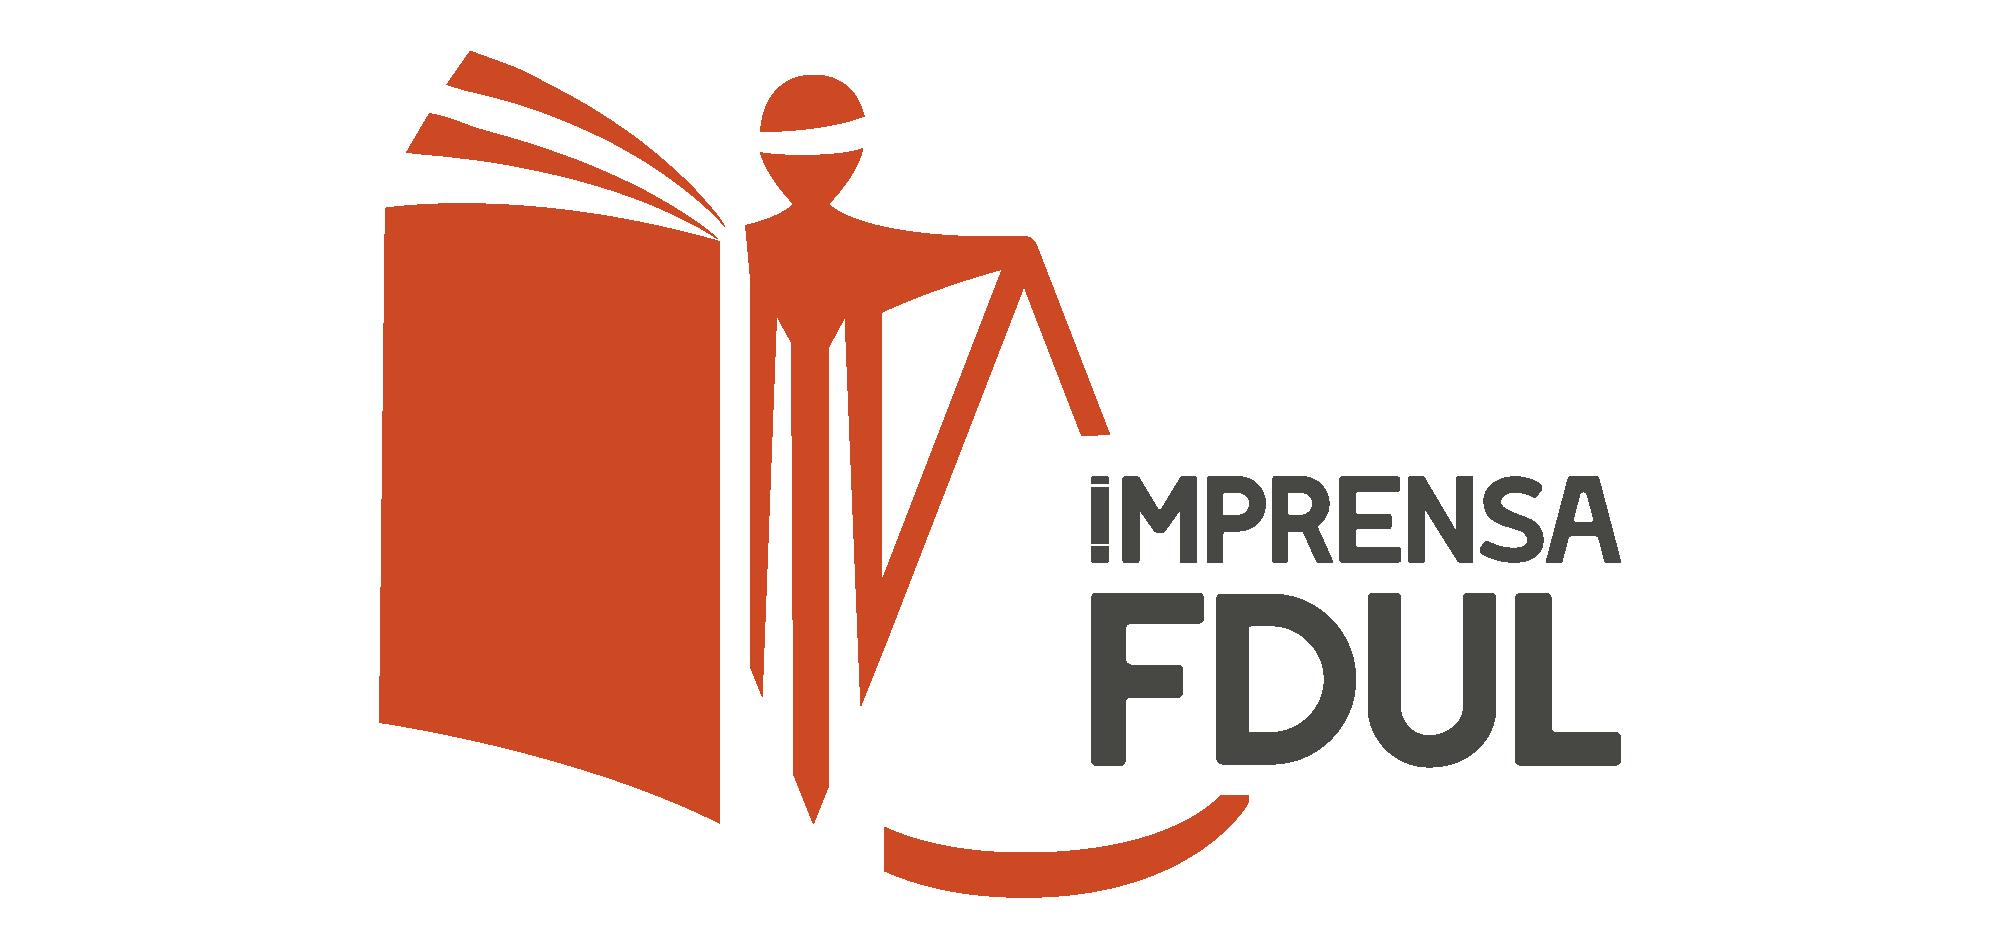 Imprensa FDUL-Tradição que Imprime Inovação